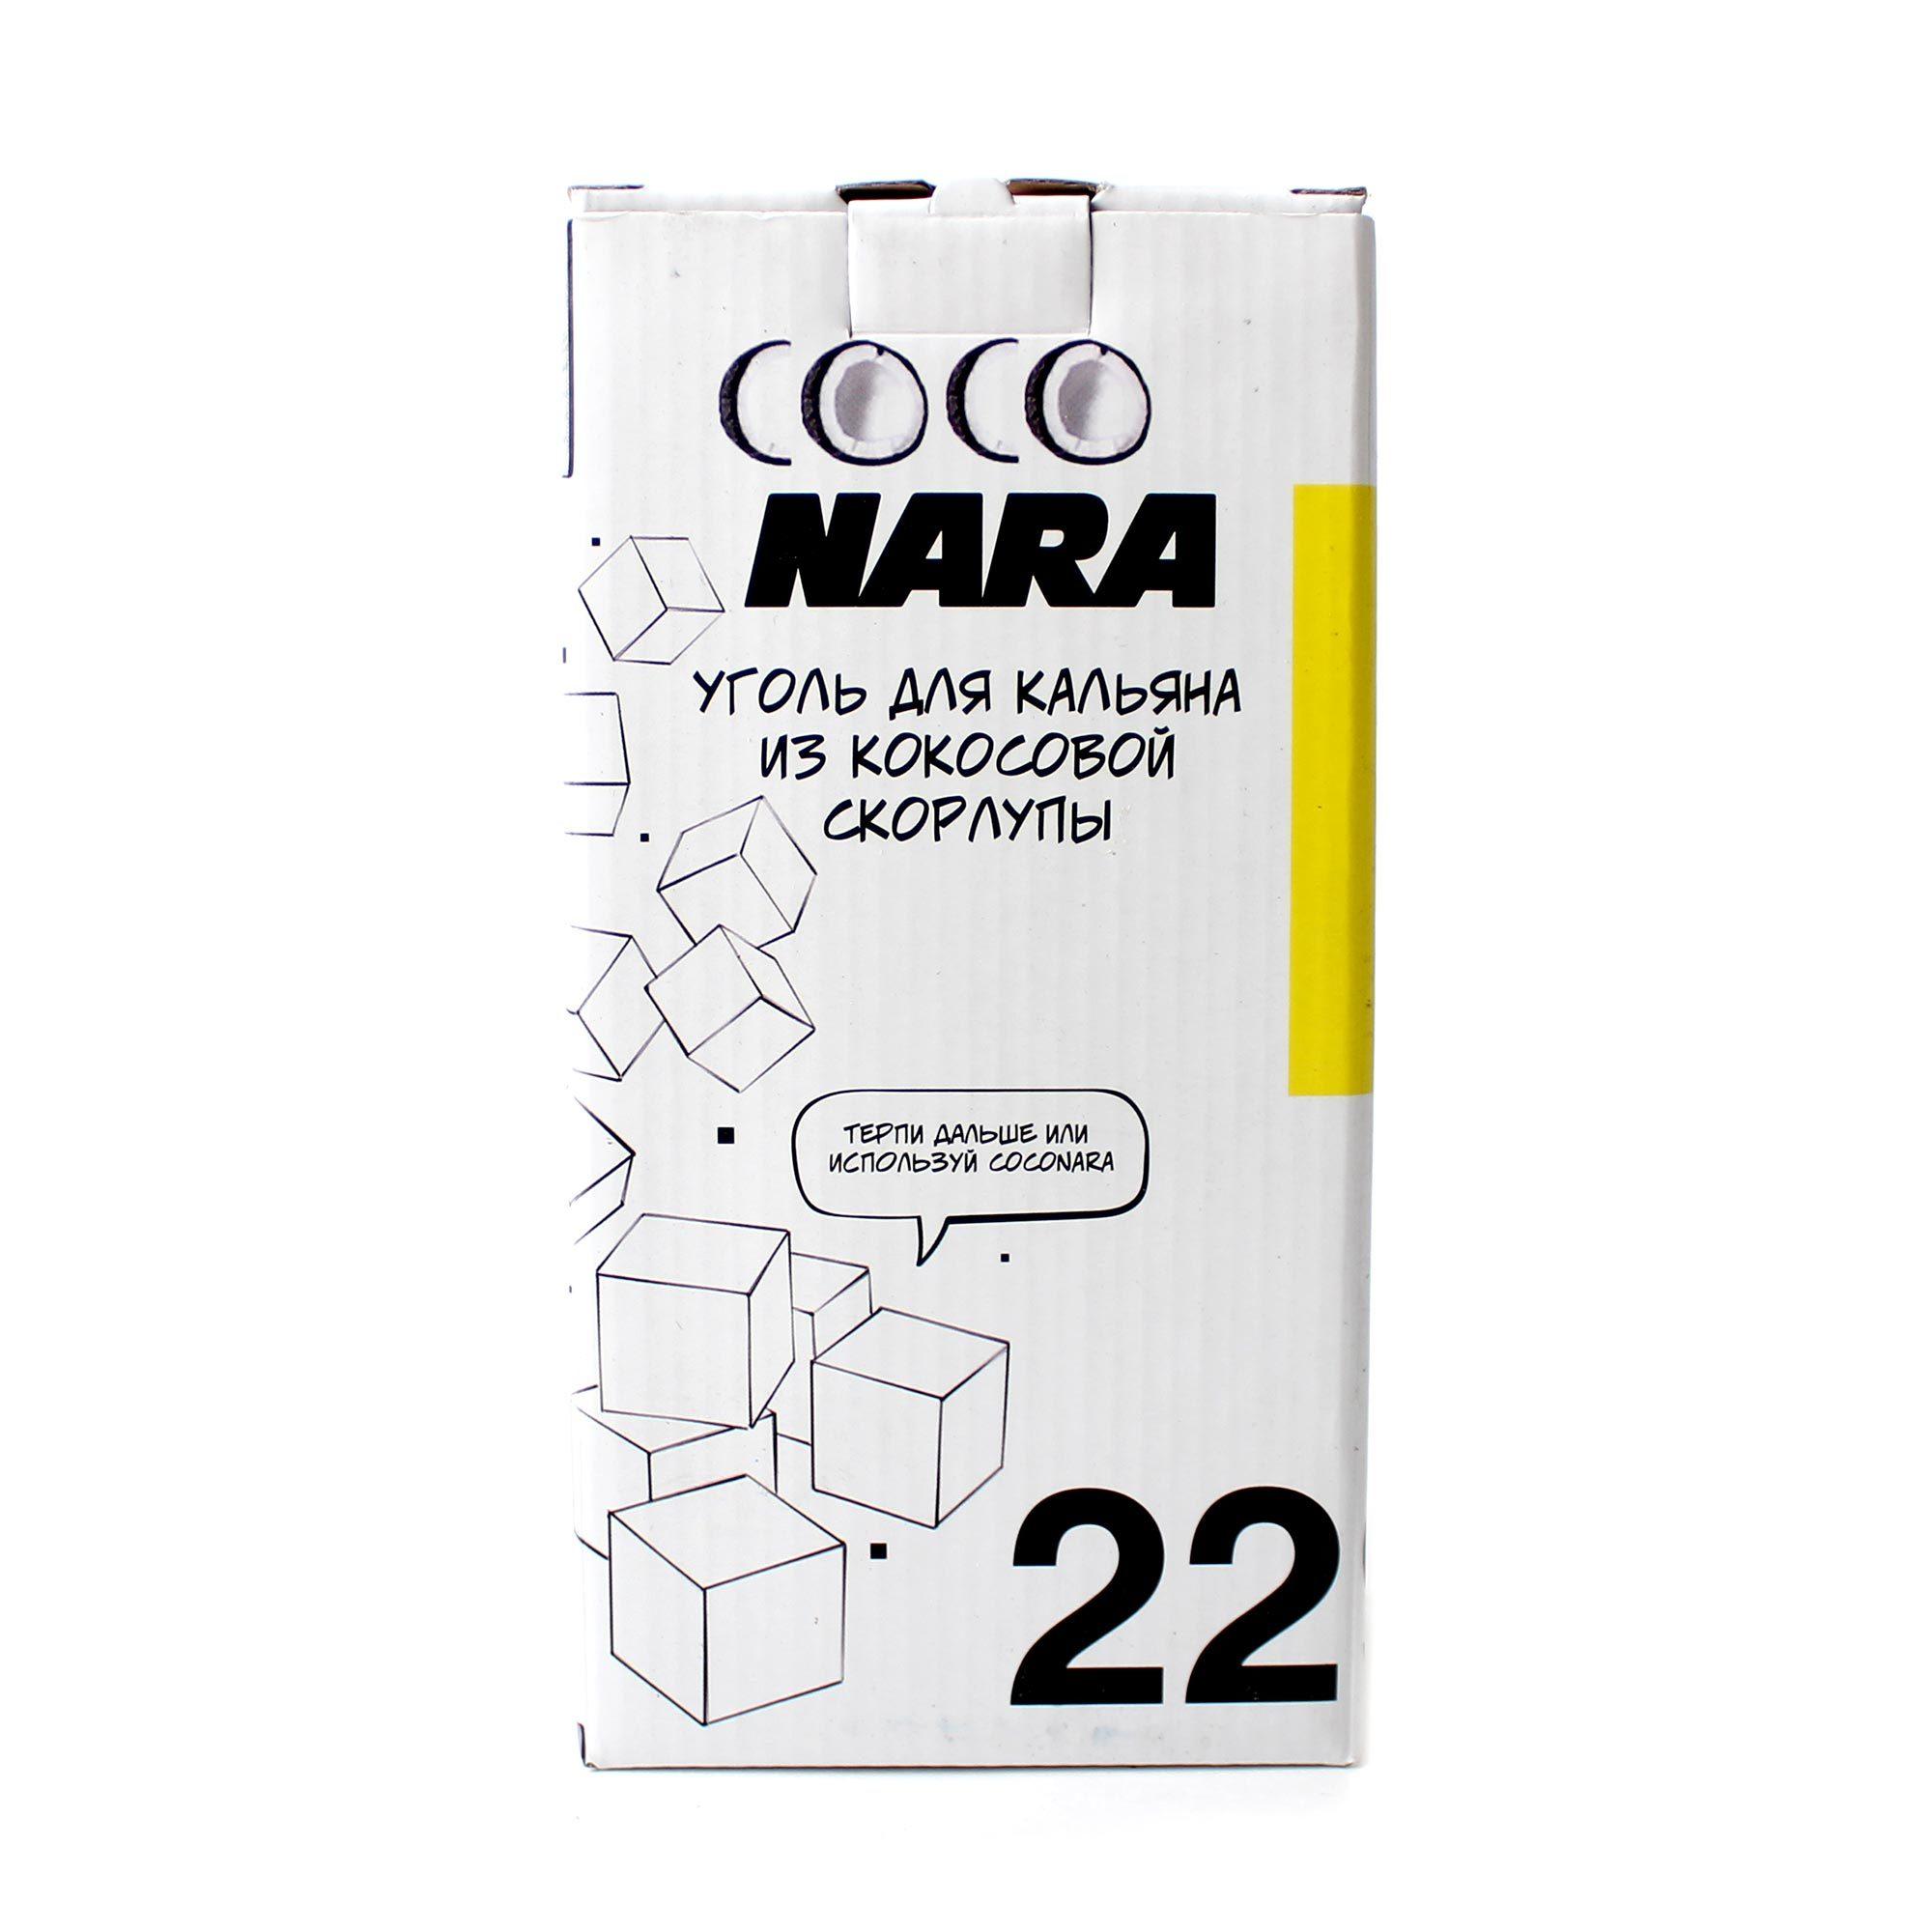 Уголь Coconara 22 кубик (96 штуки)